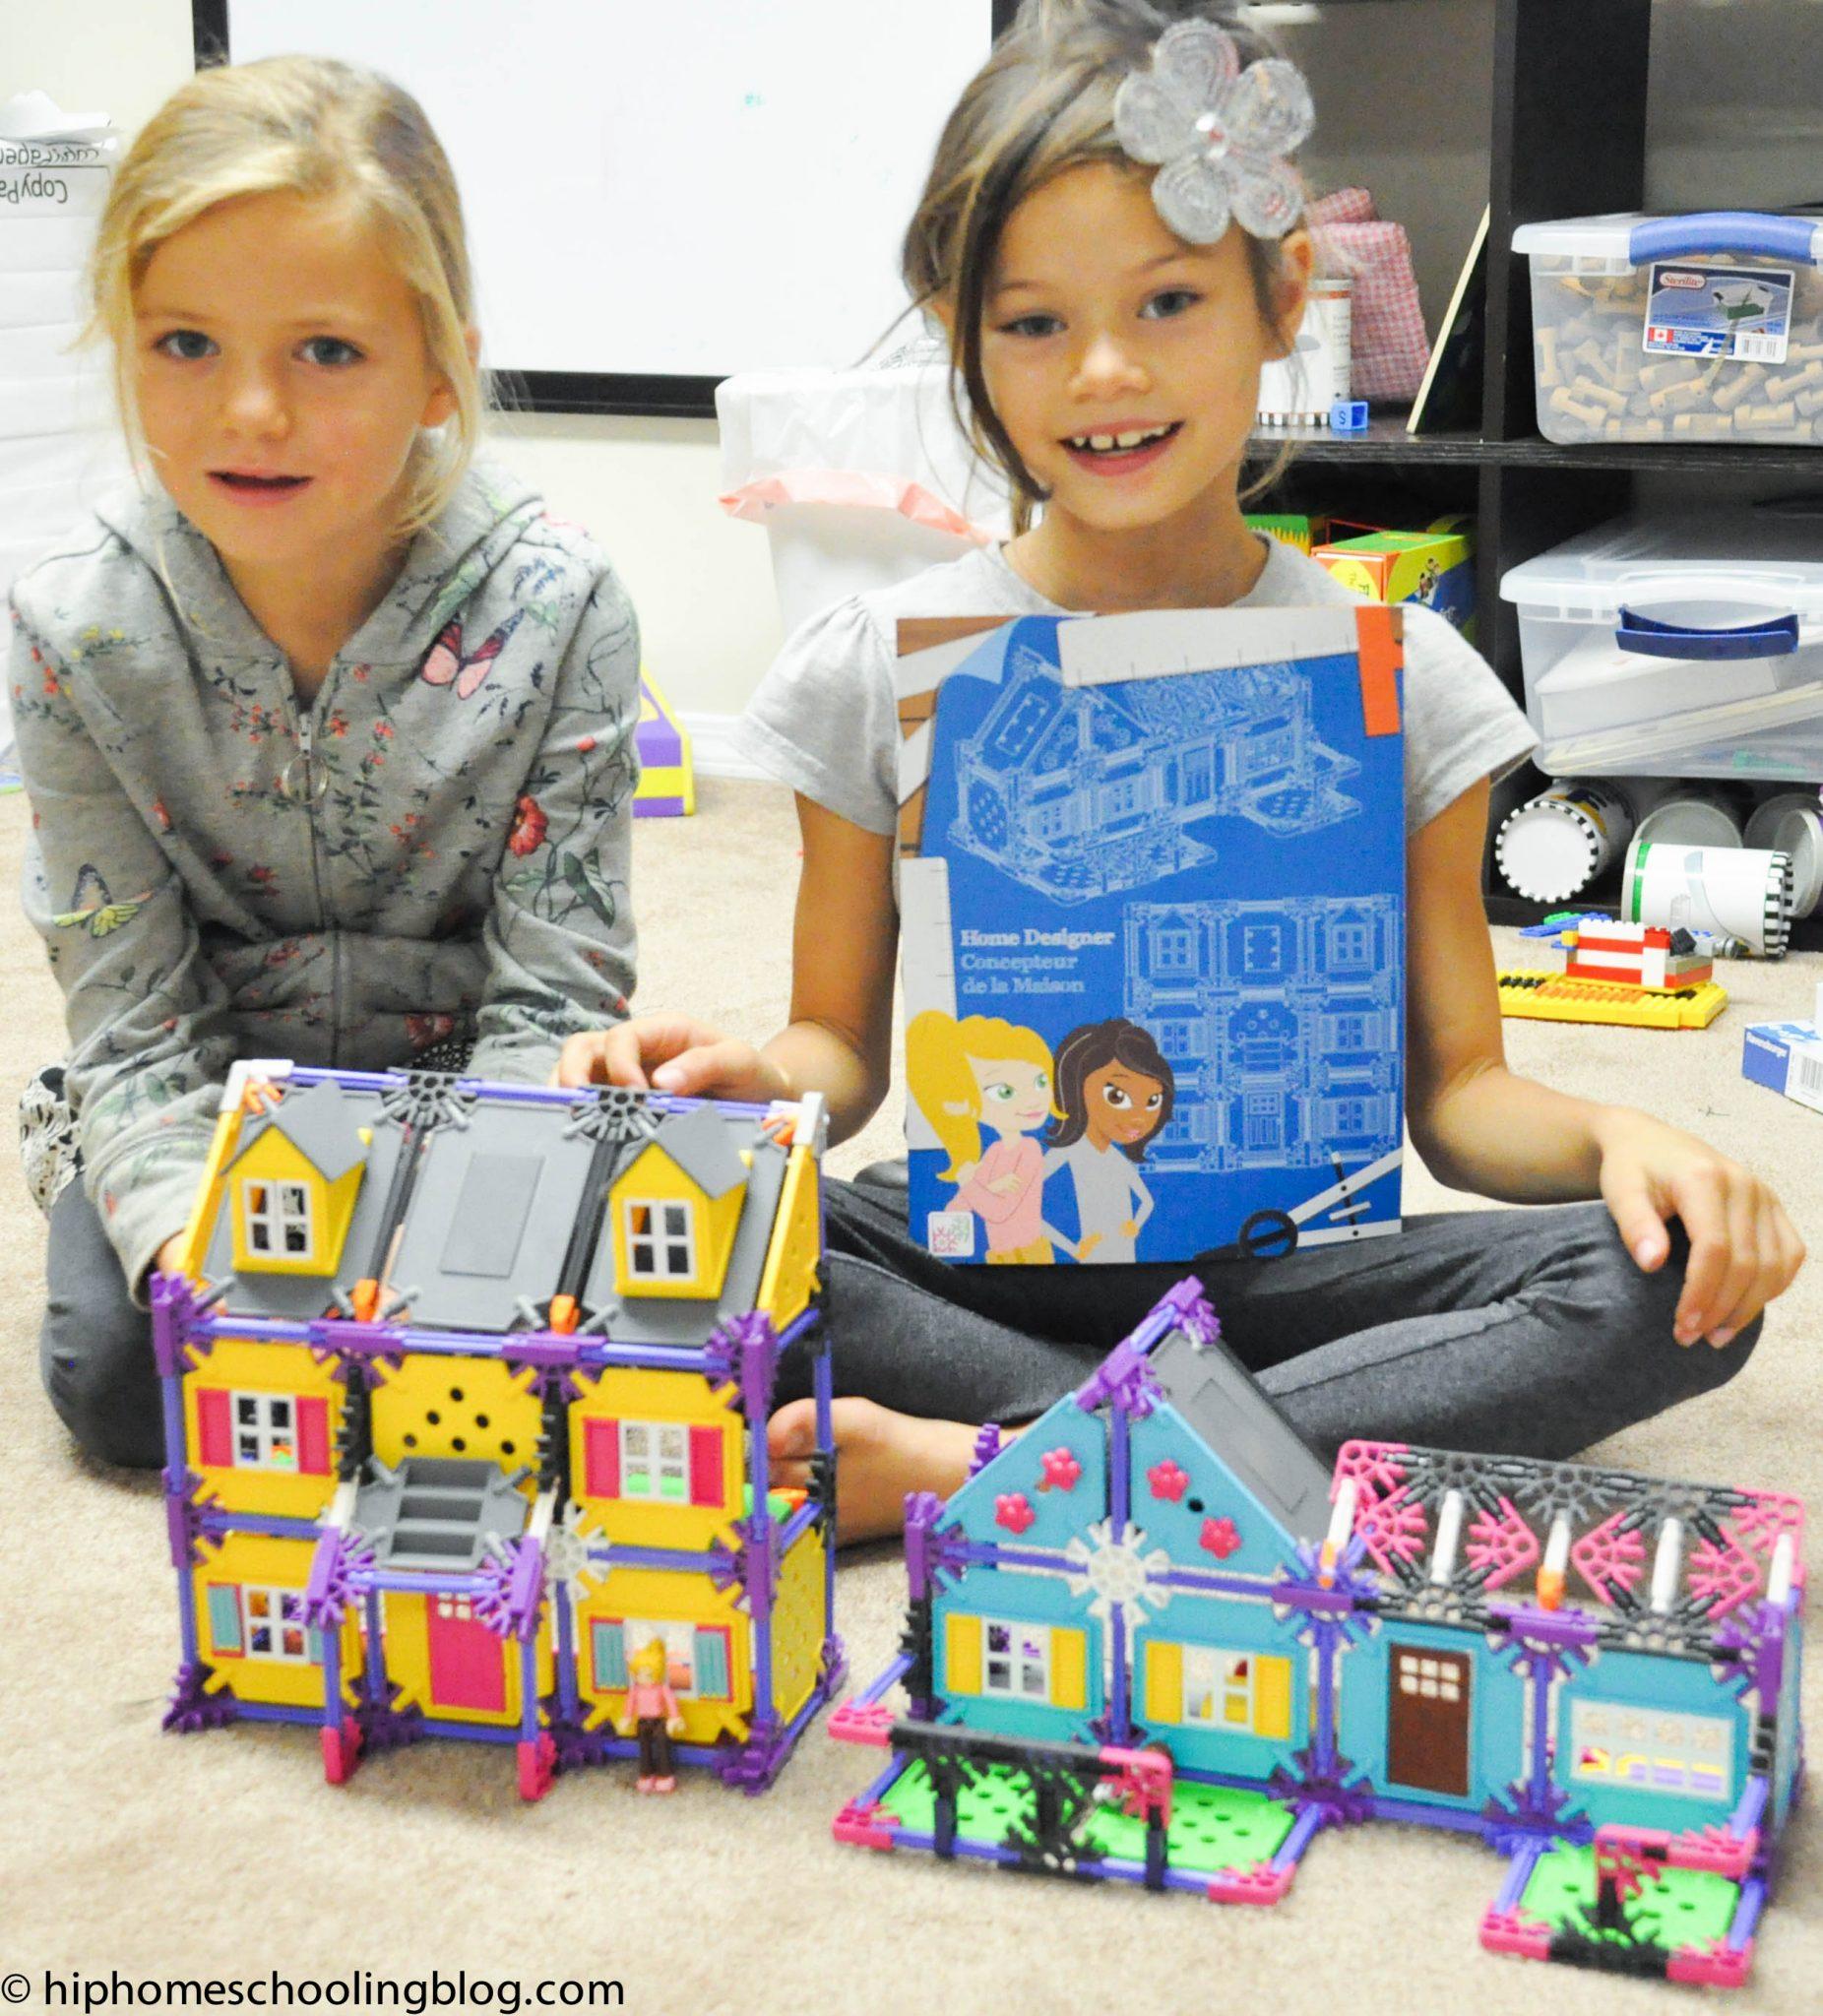 K'NEX Home Designer Building Set Giveaway!